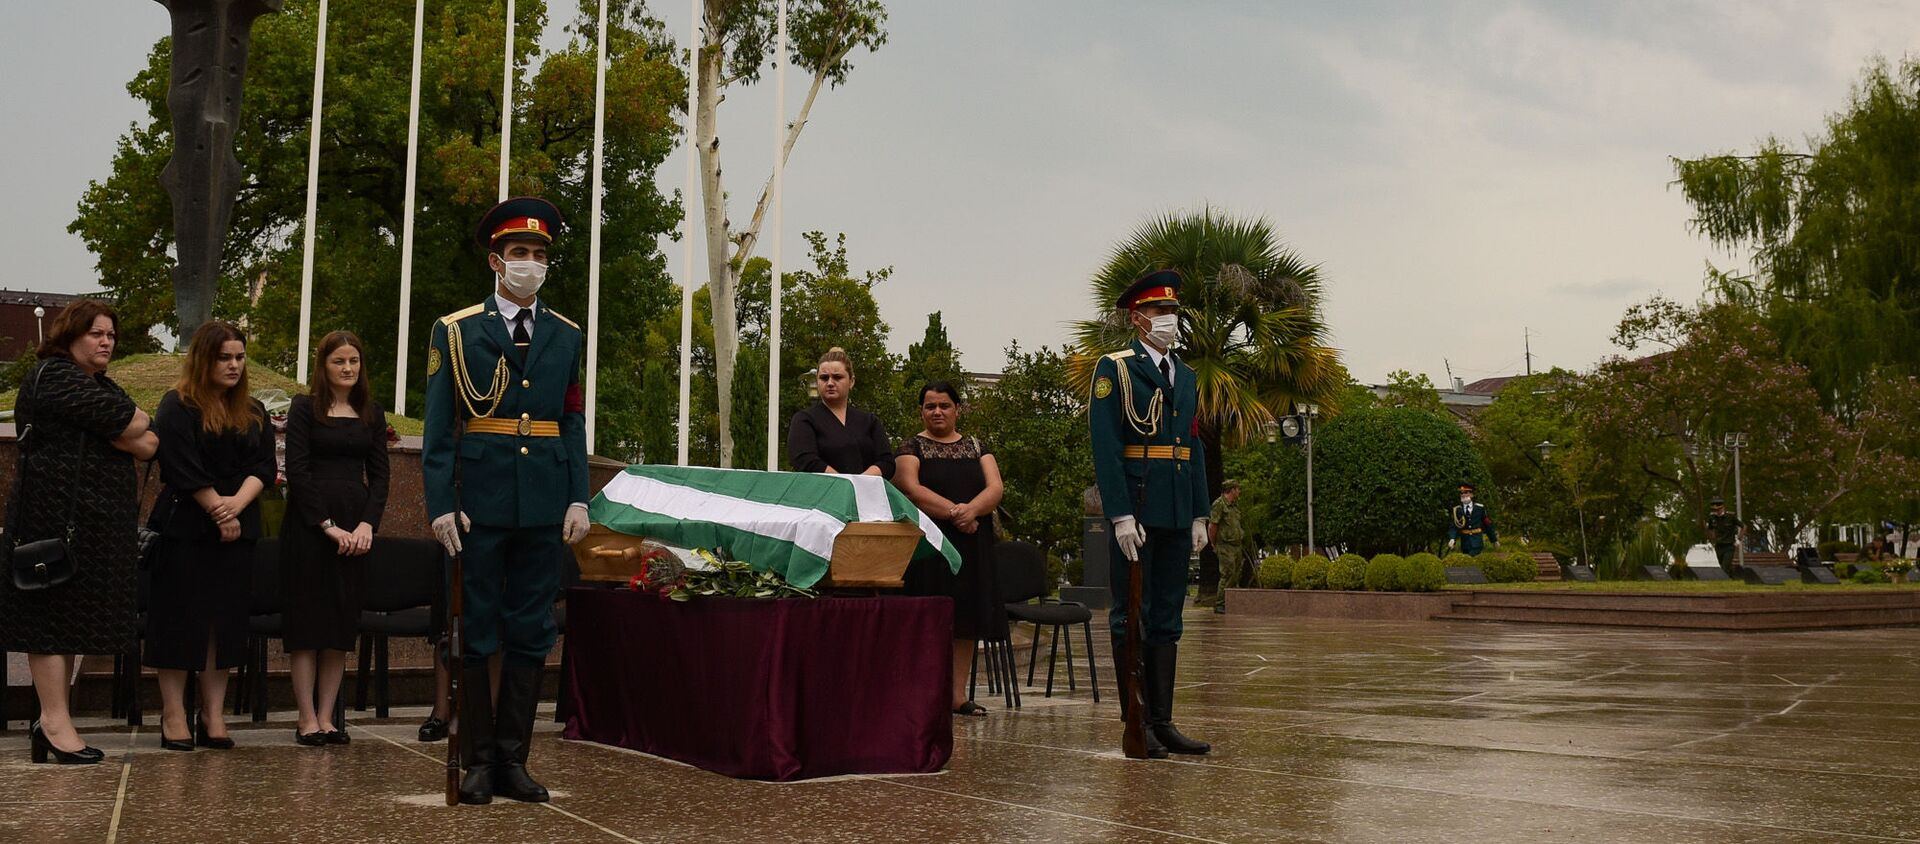 Церемония перезахоронения - Sputnik Абхазия, 1920, 26.09.2020